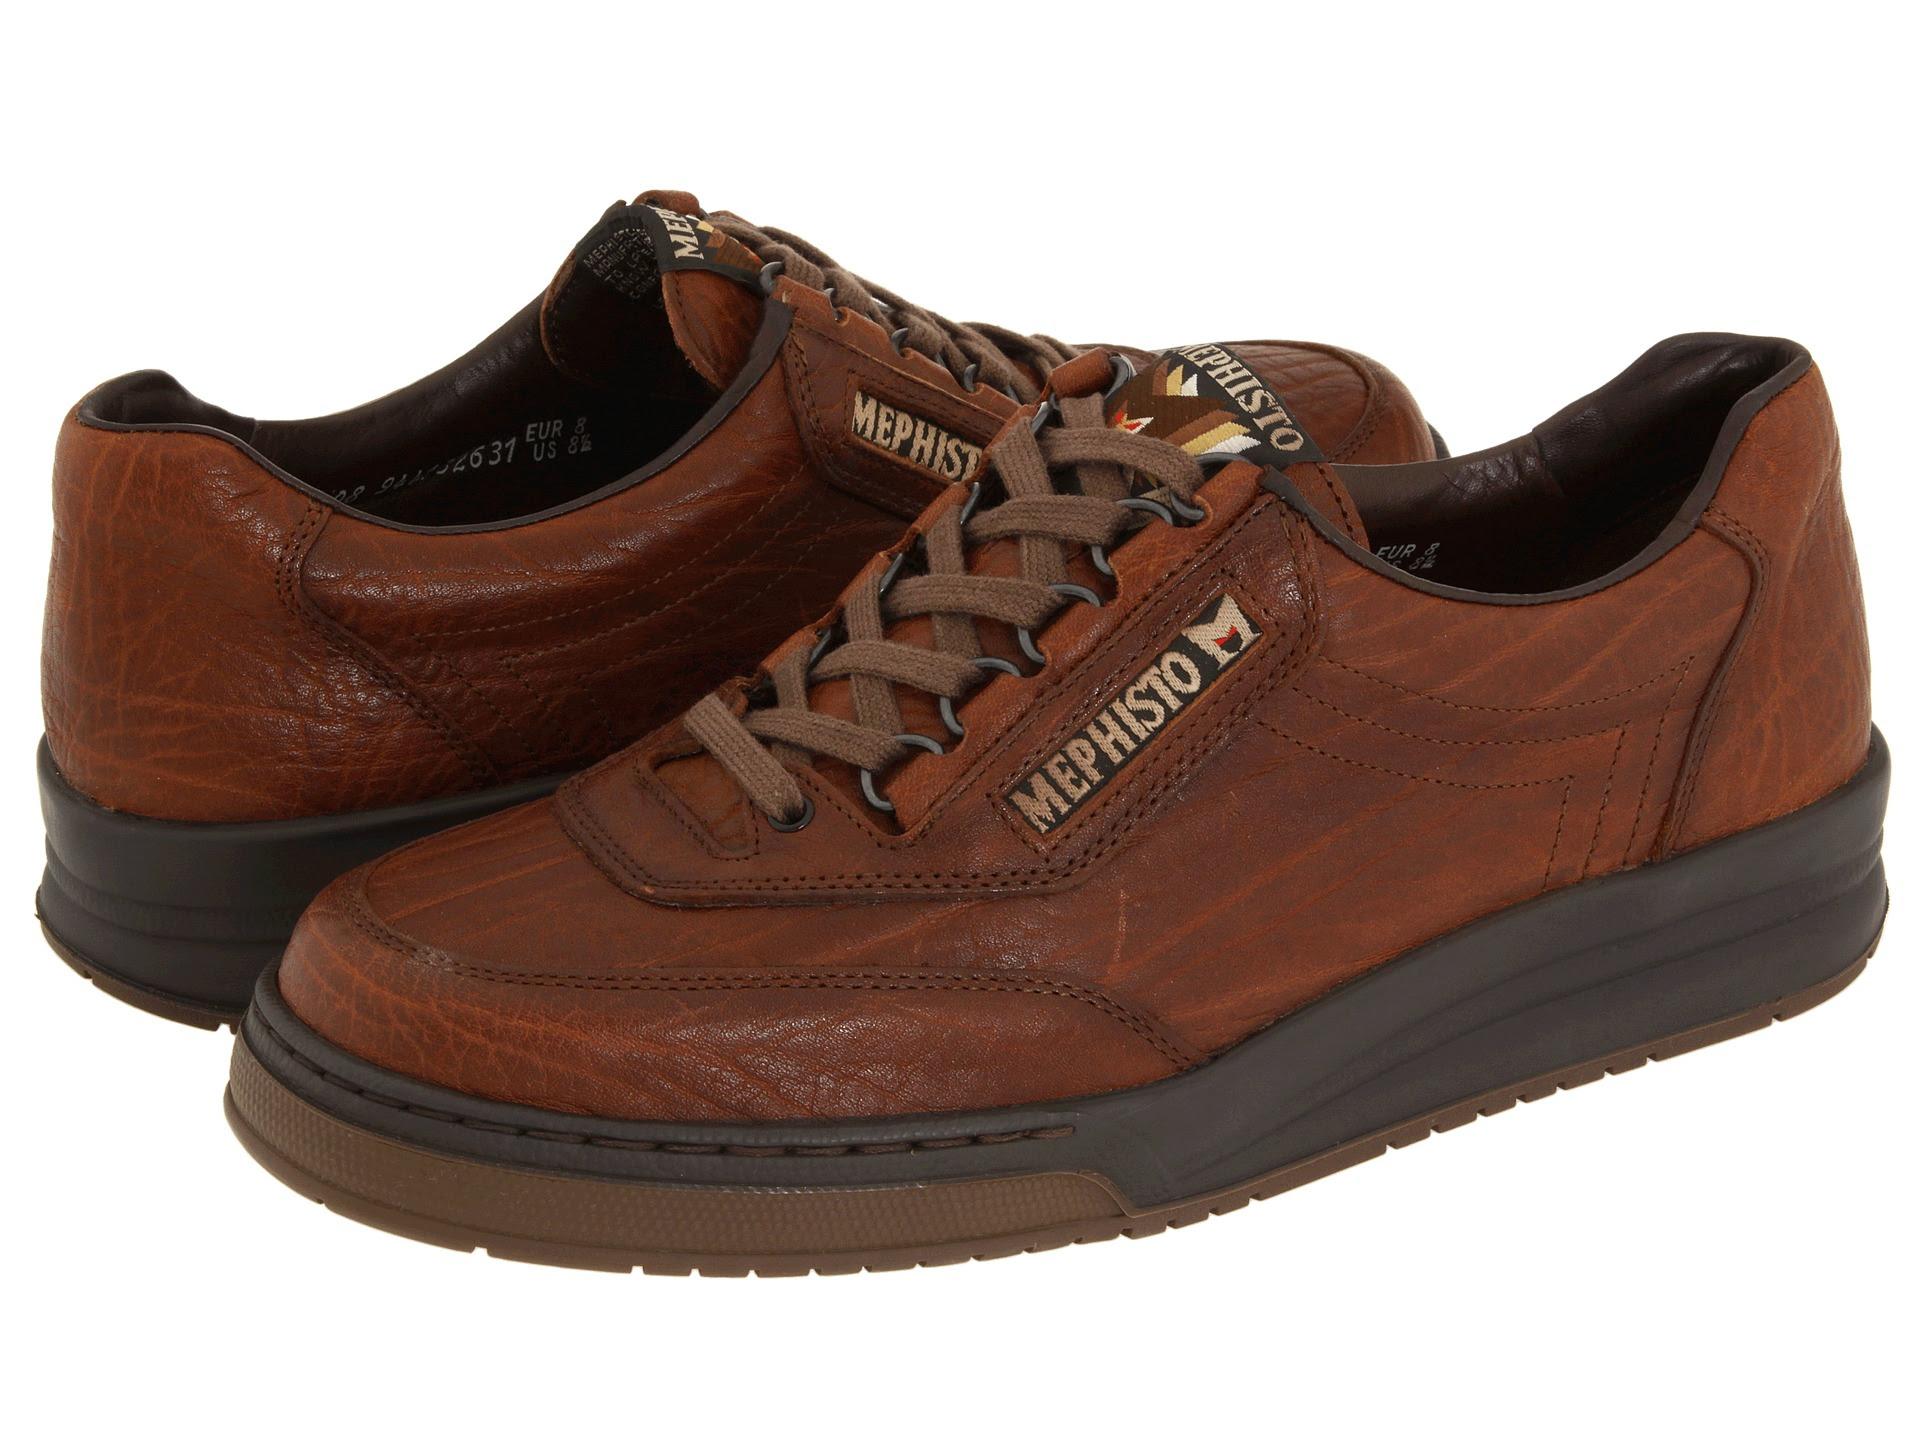 Blue Sandals: Zappos Walking Shoes Men